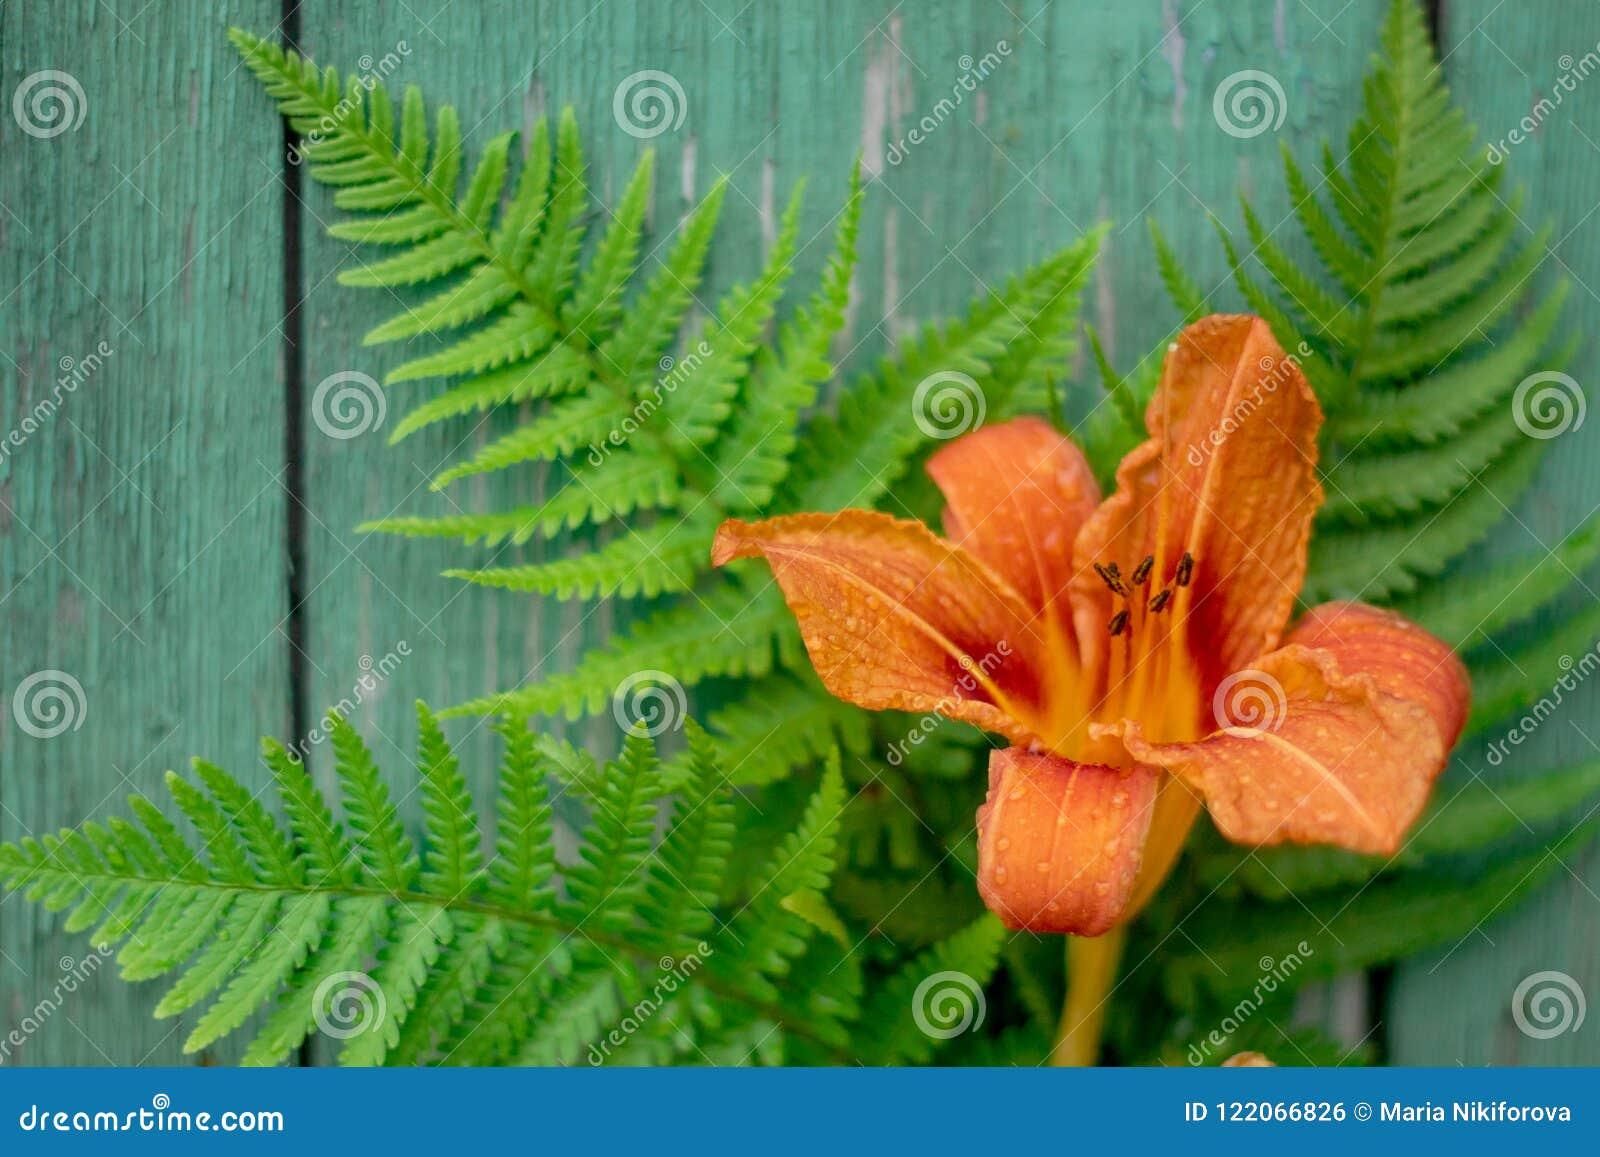 Orange daylilyblomma- och gräsplanormbunkesidor på gammal tappning målade träbakgrund, copyspace